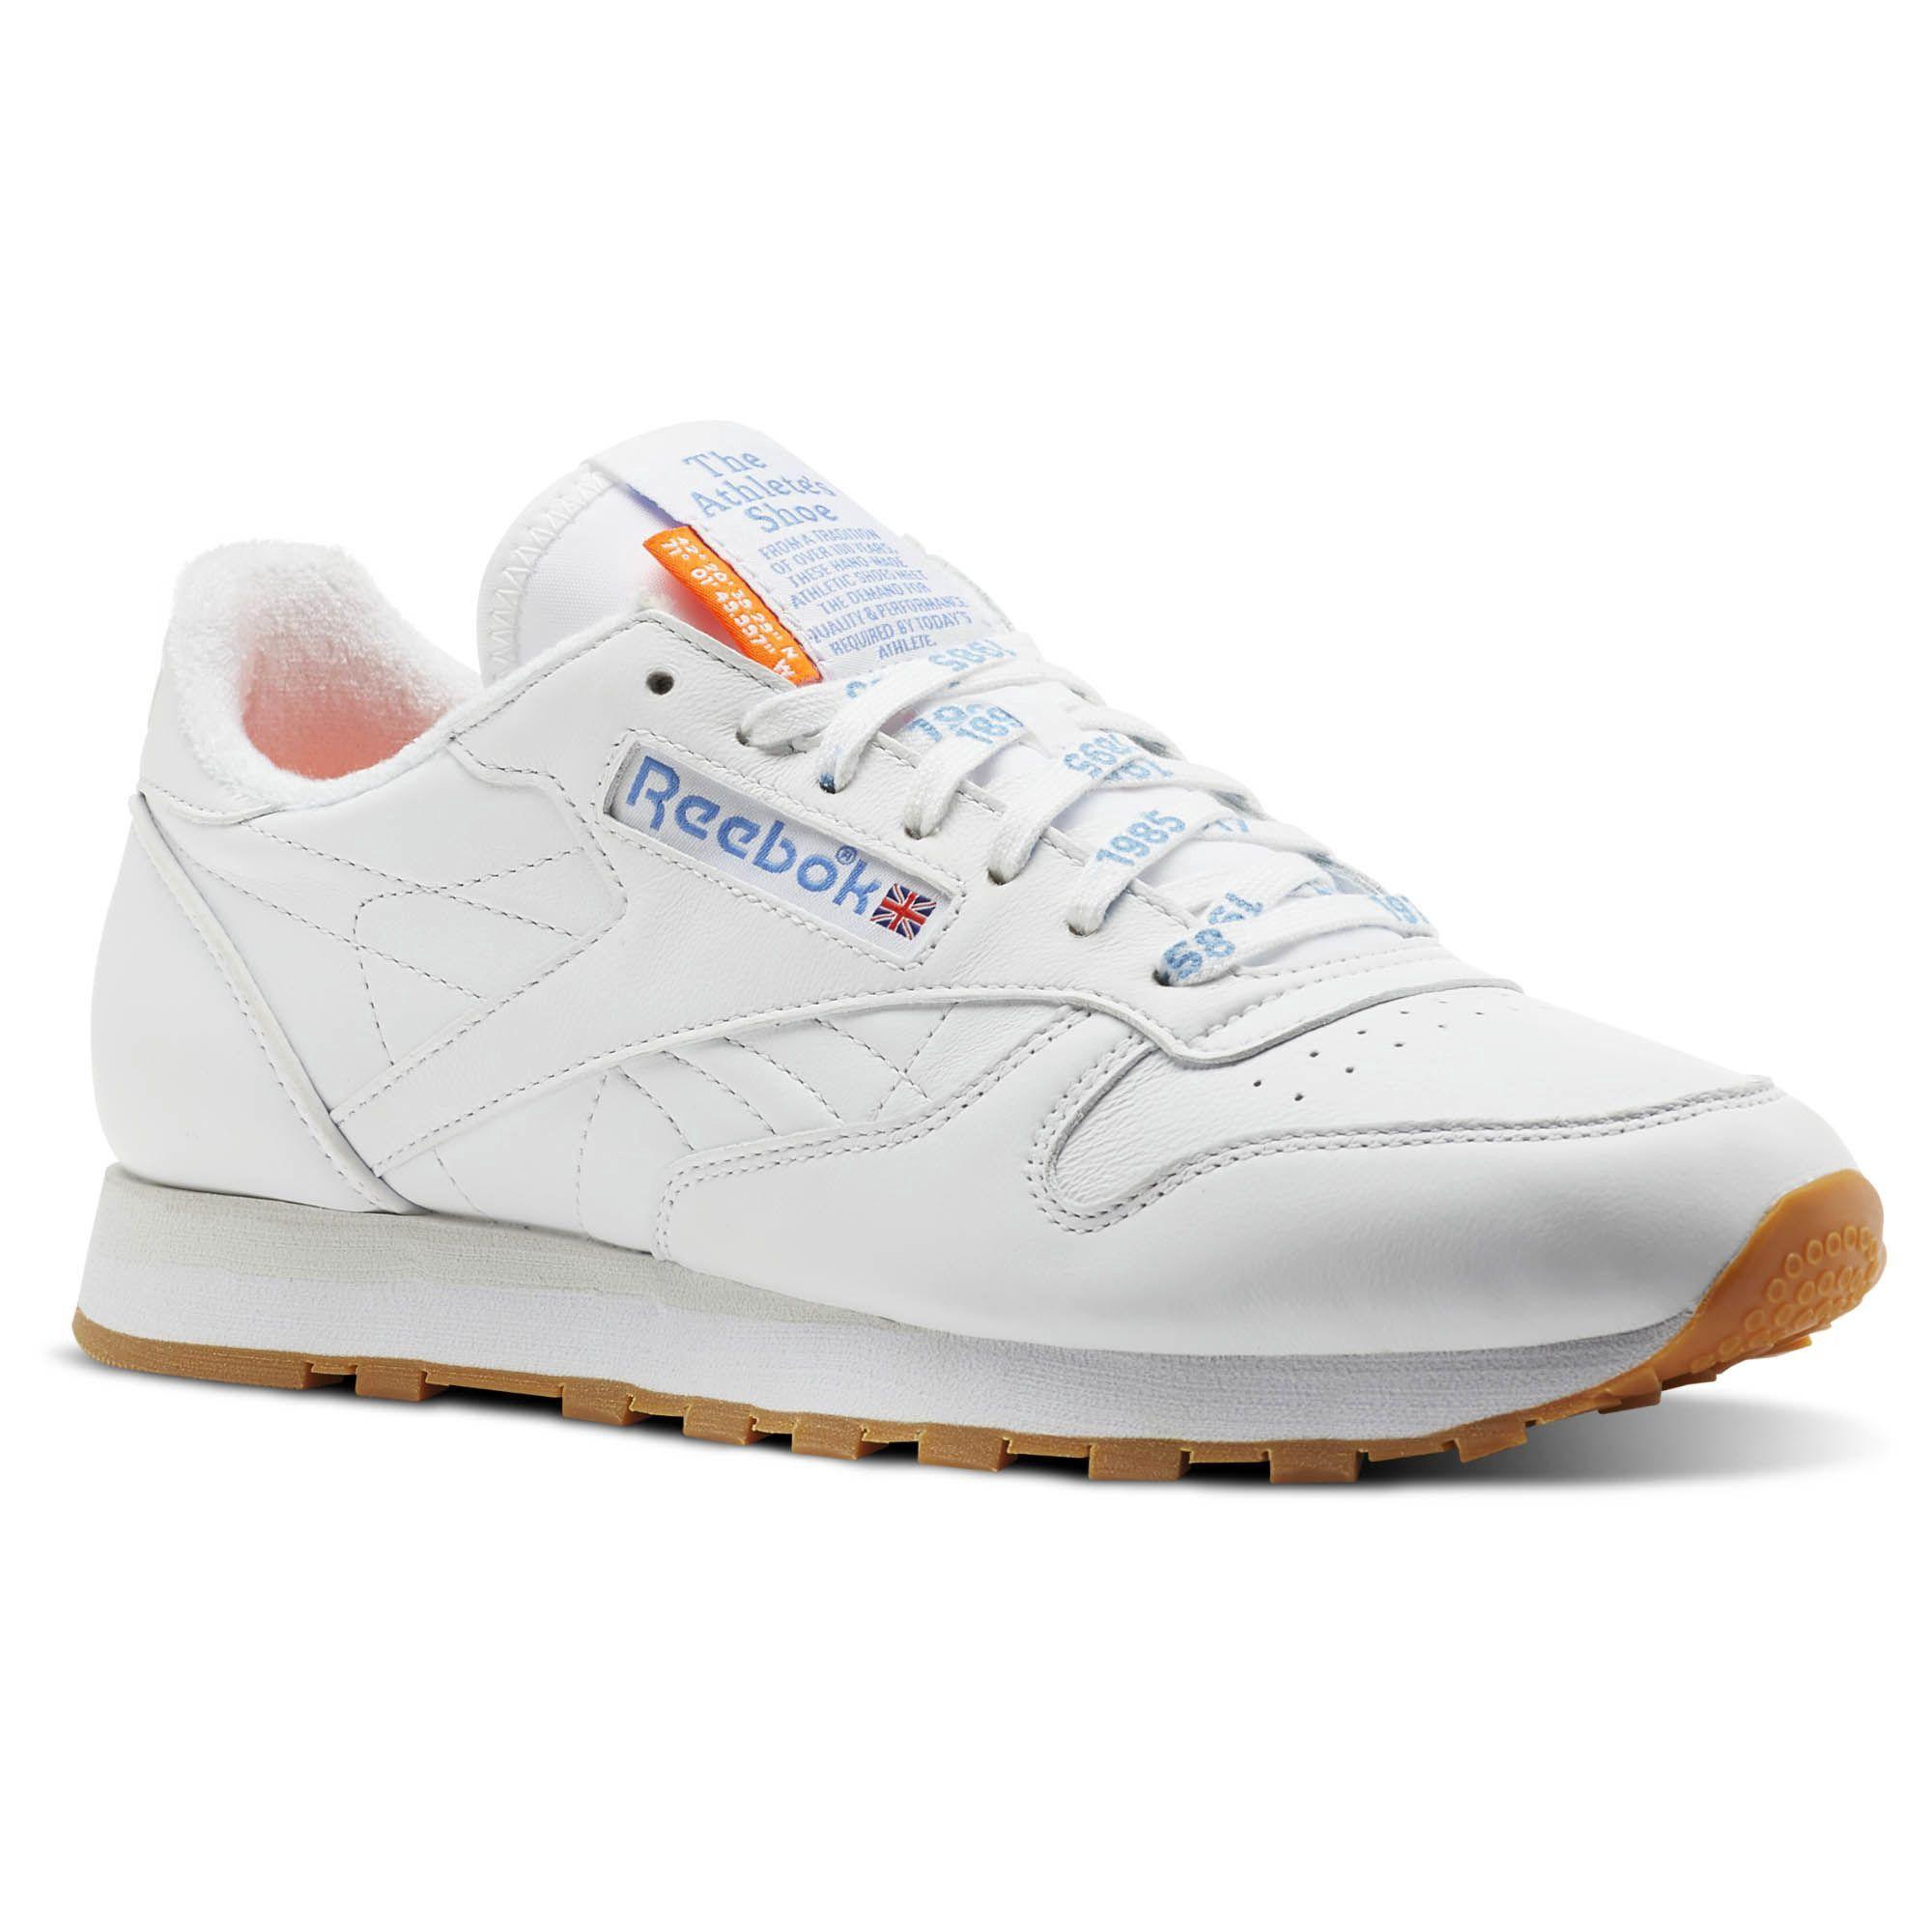 Reebok Boston Classic Leather - White